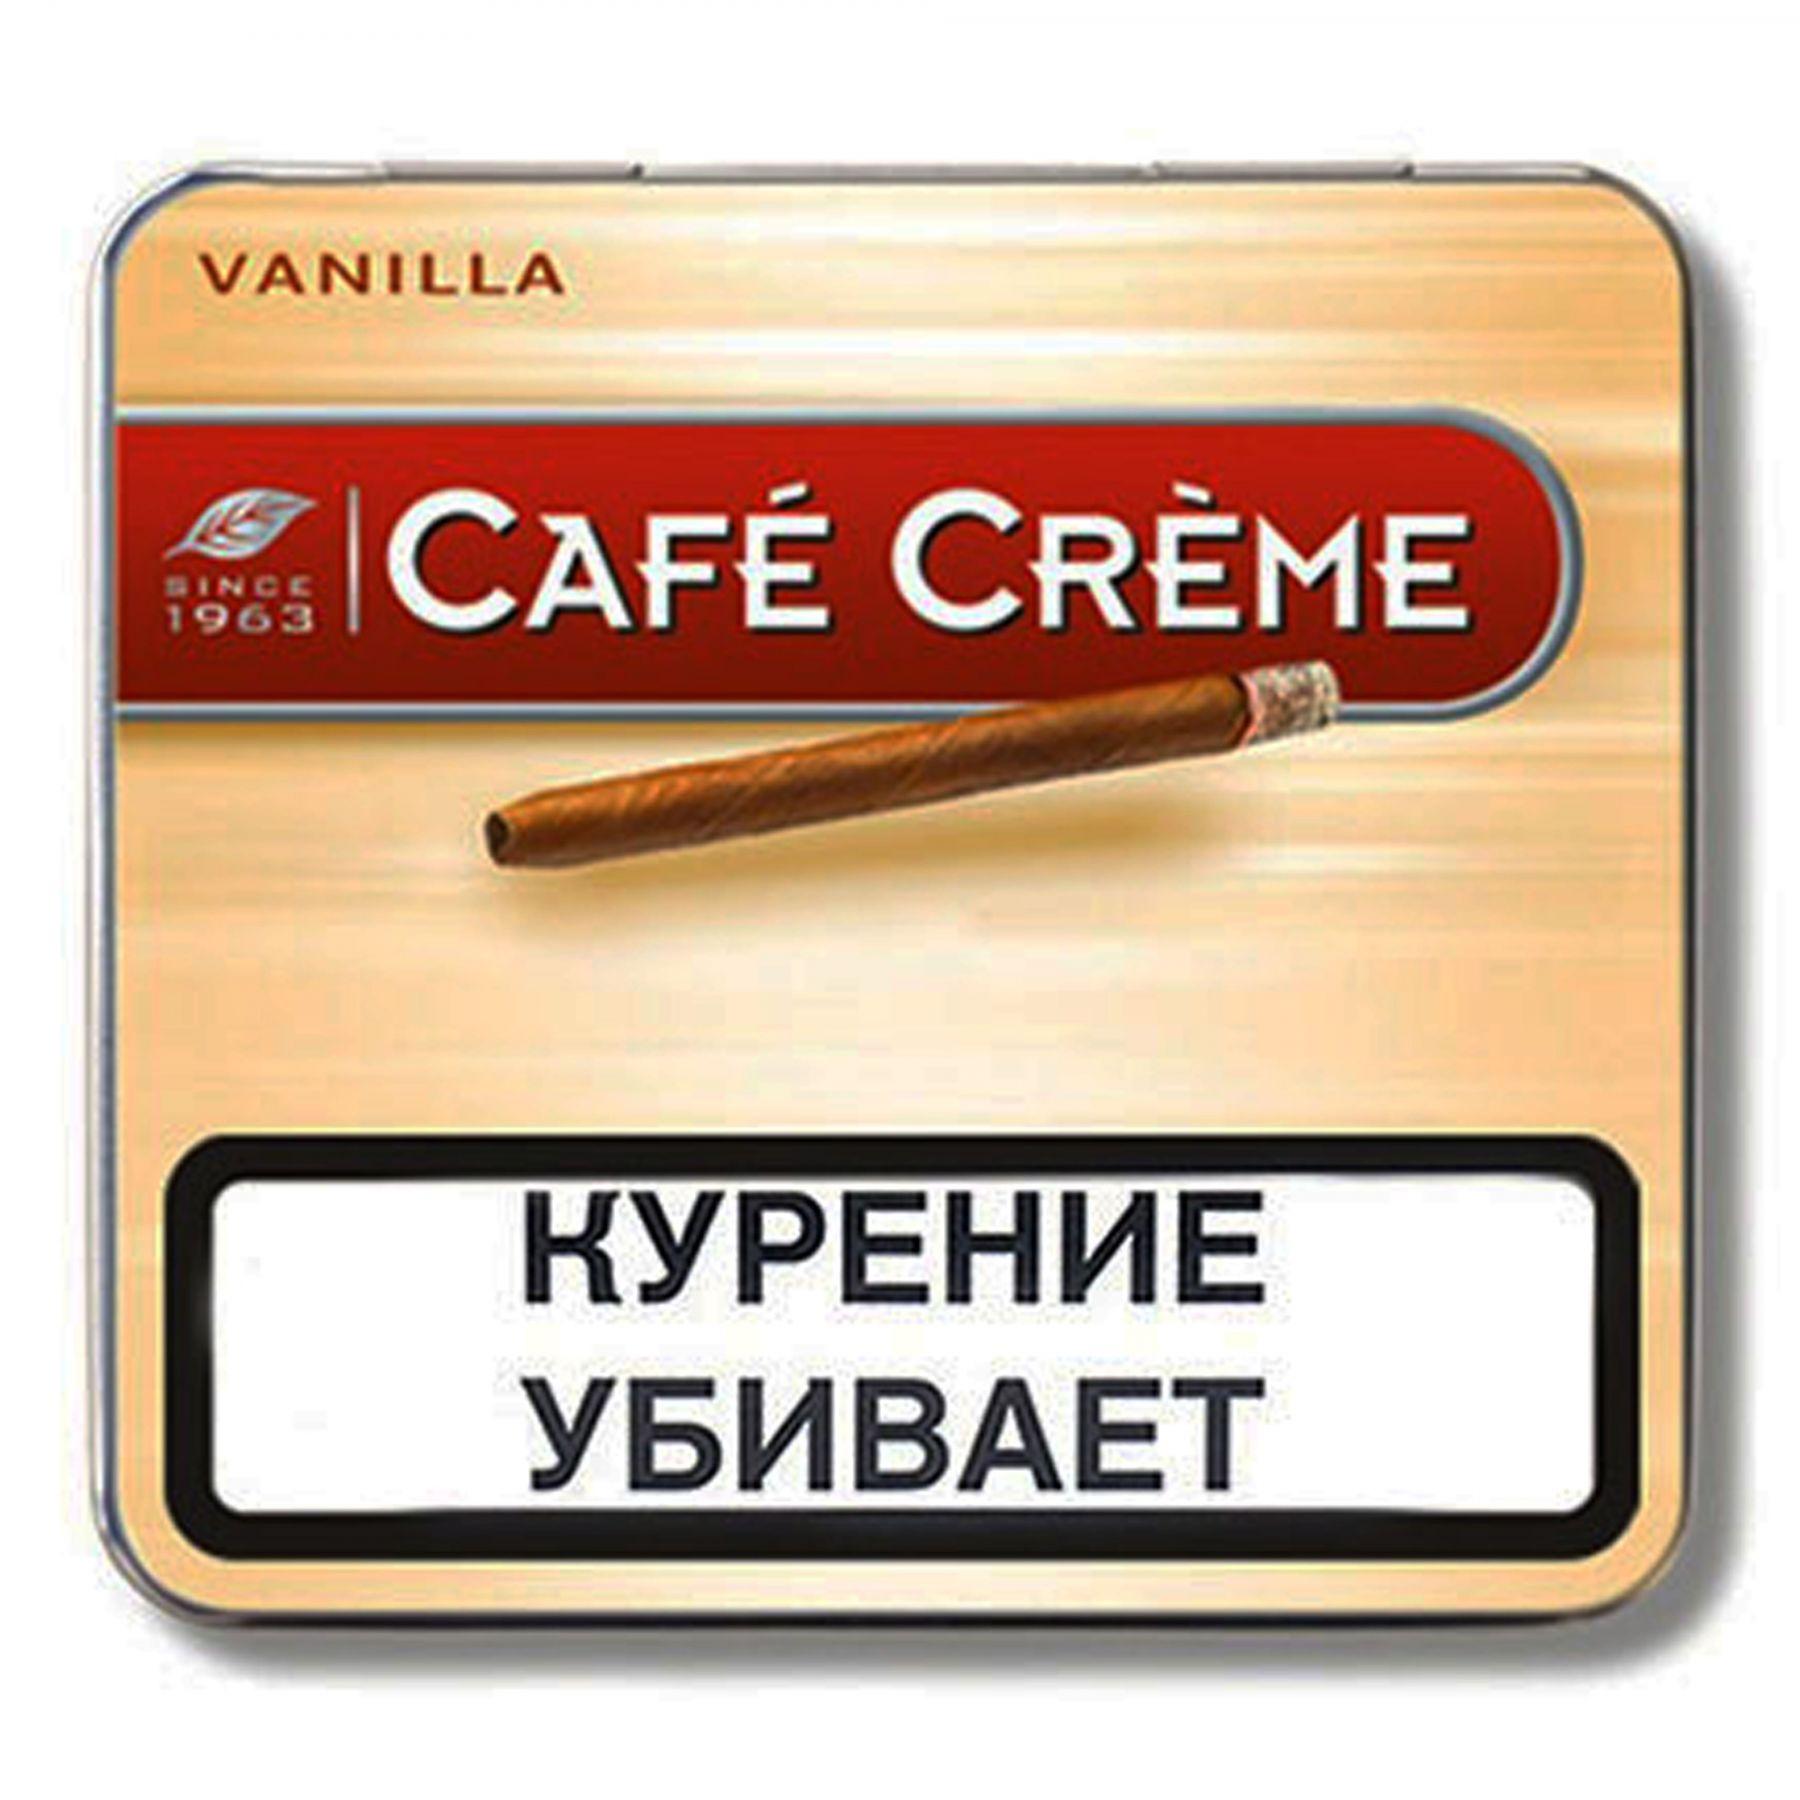 сигареты cafe creme купить в